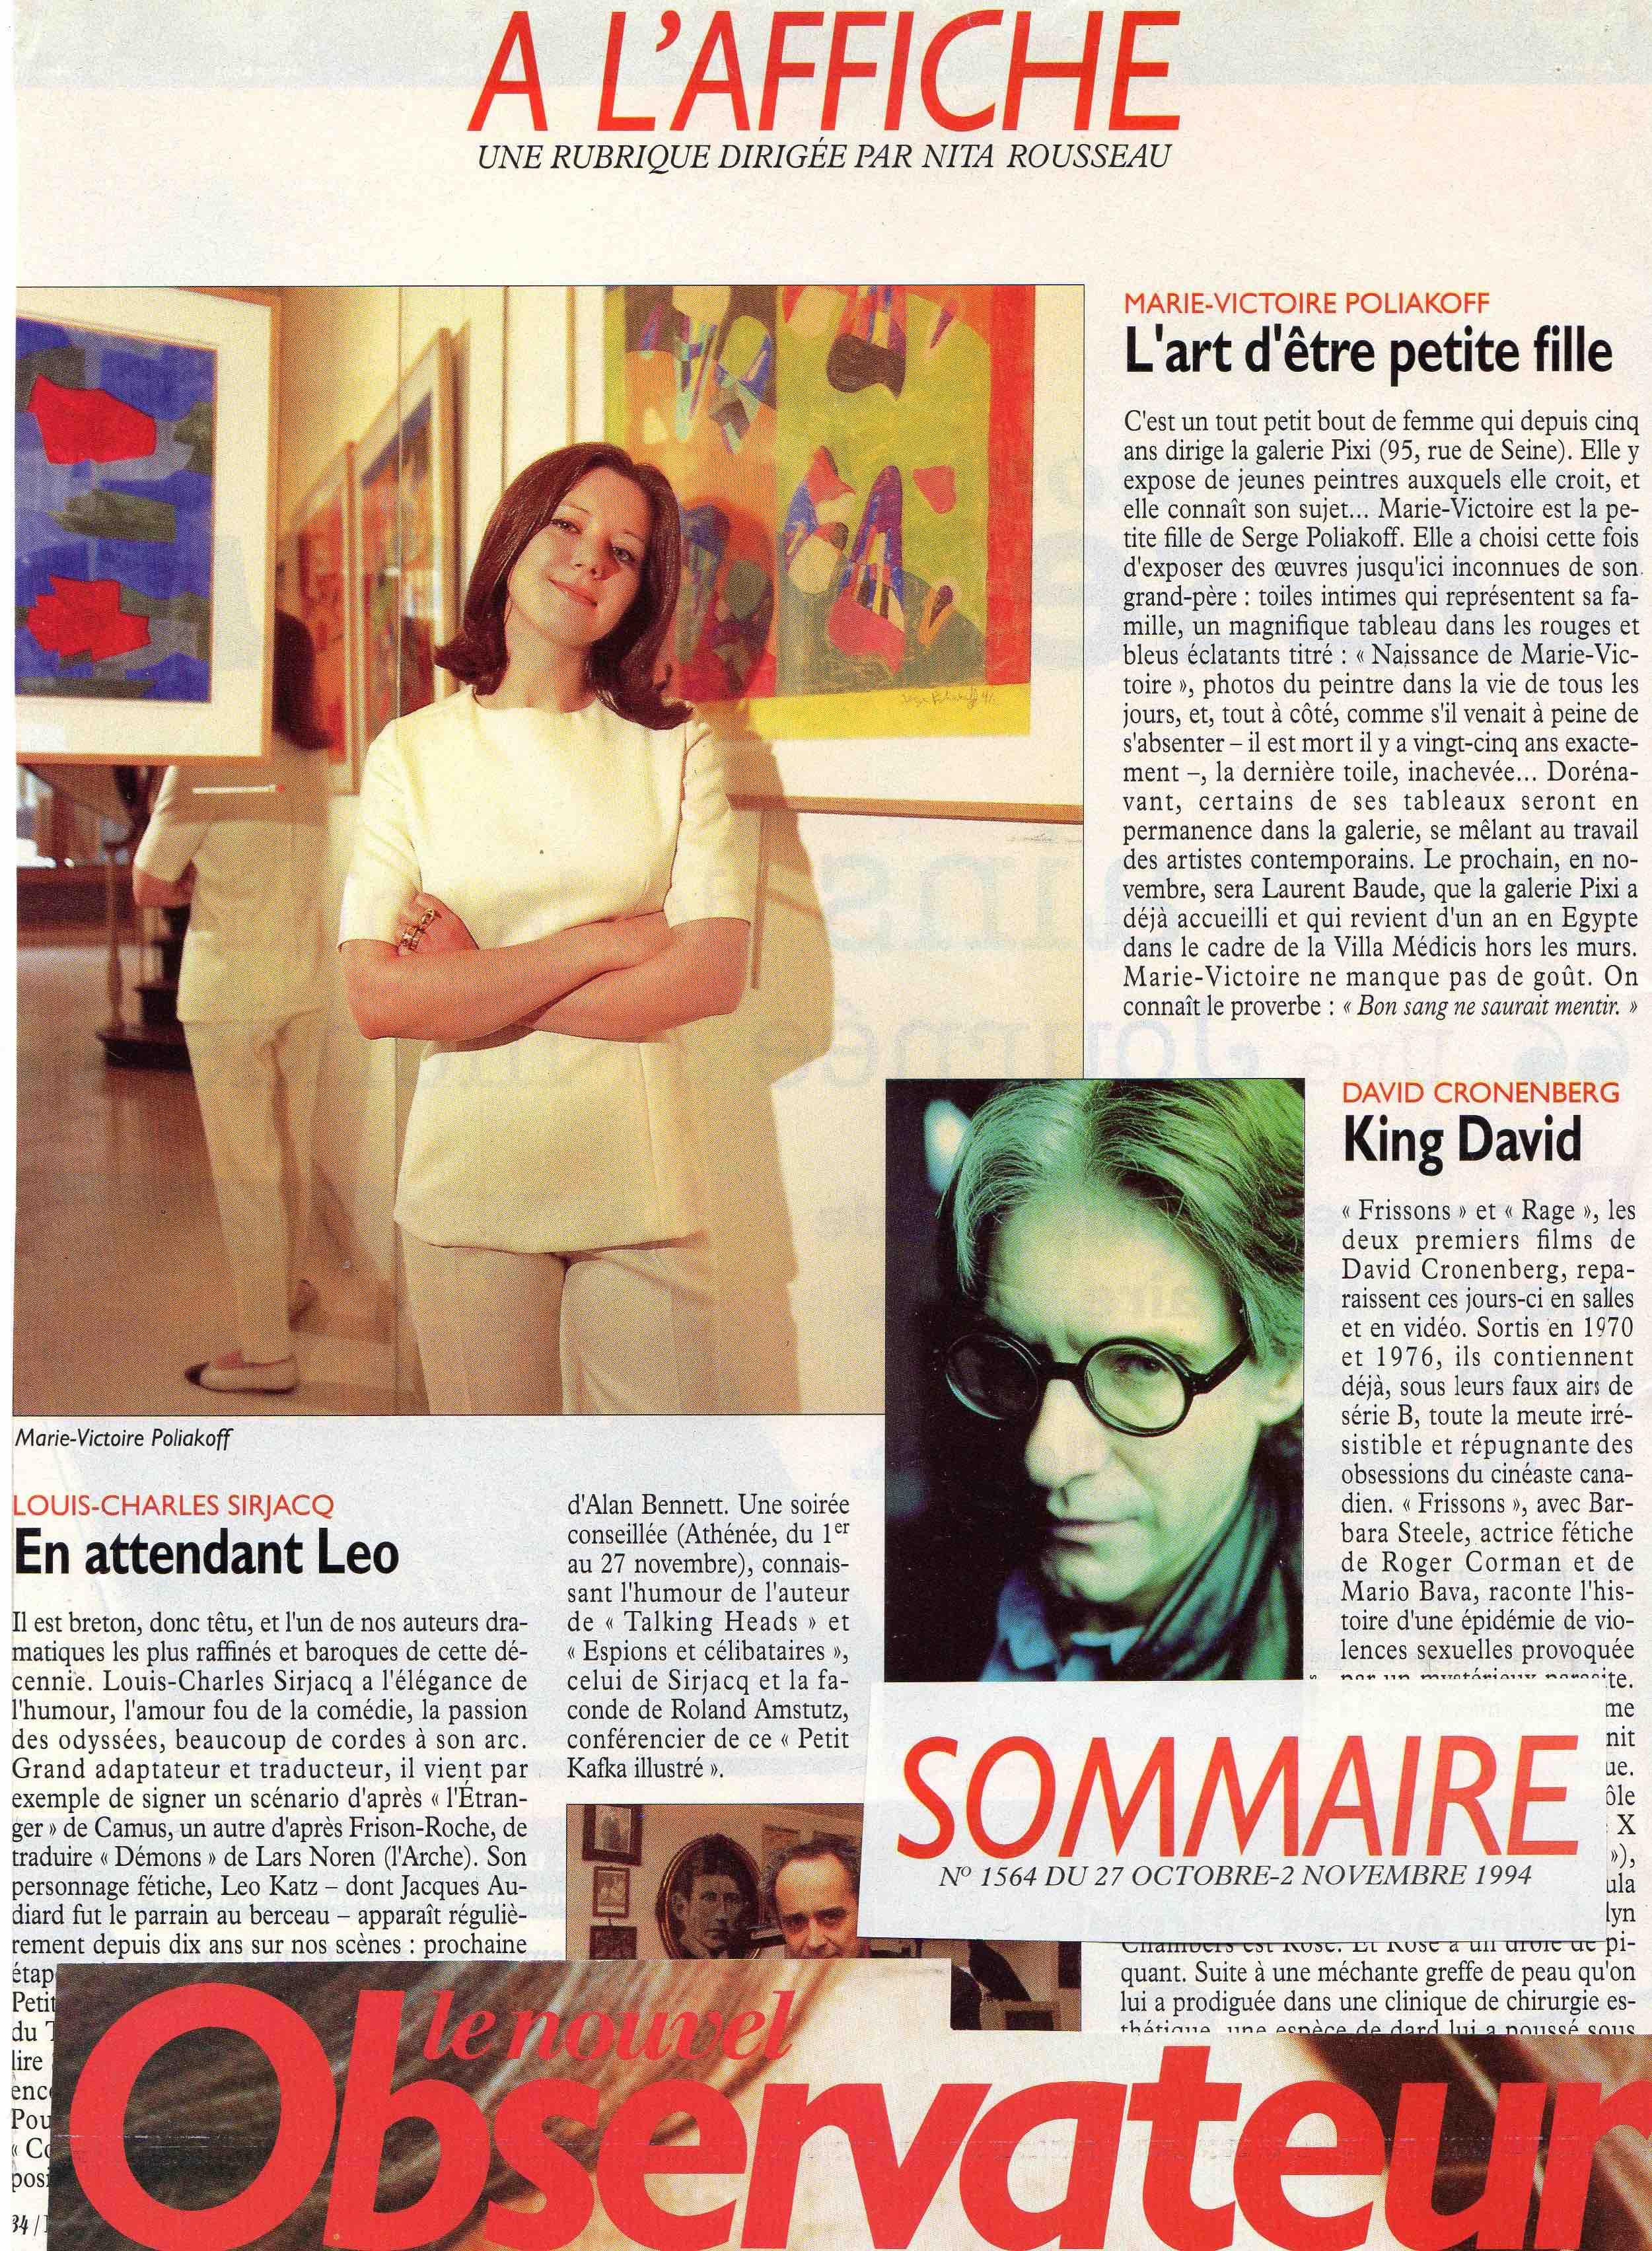 L'Express, le magazine